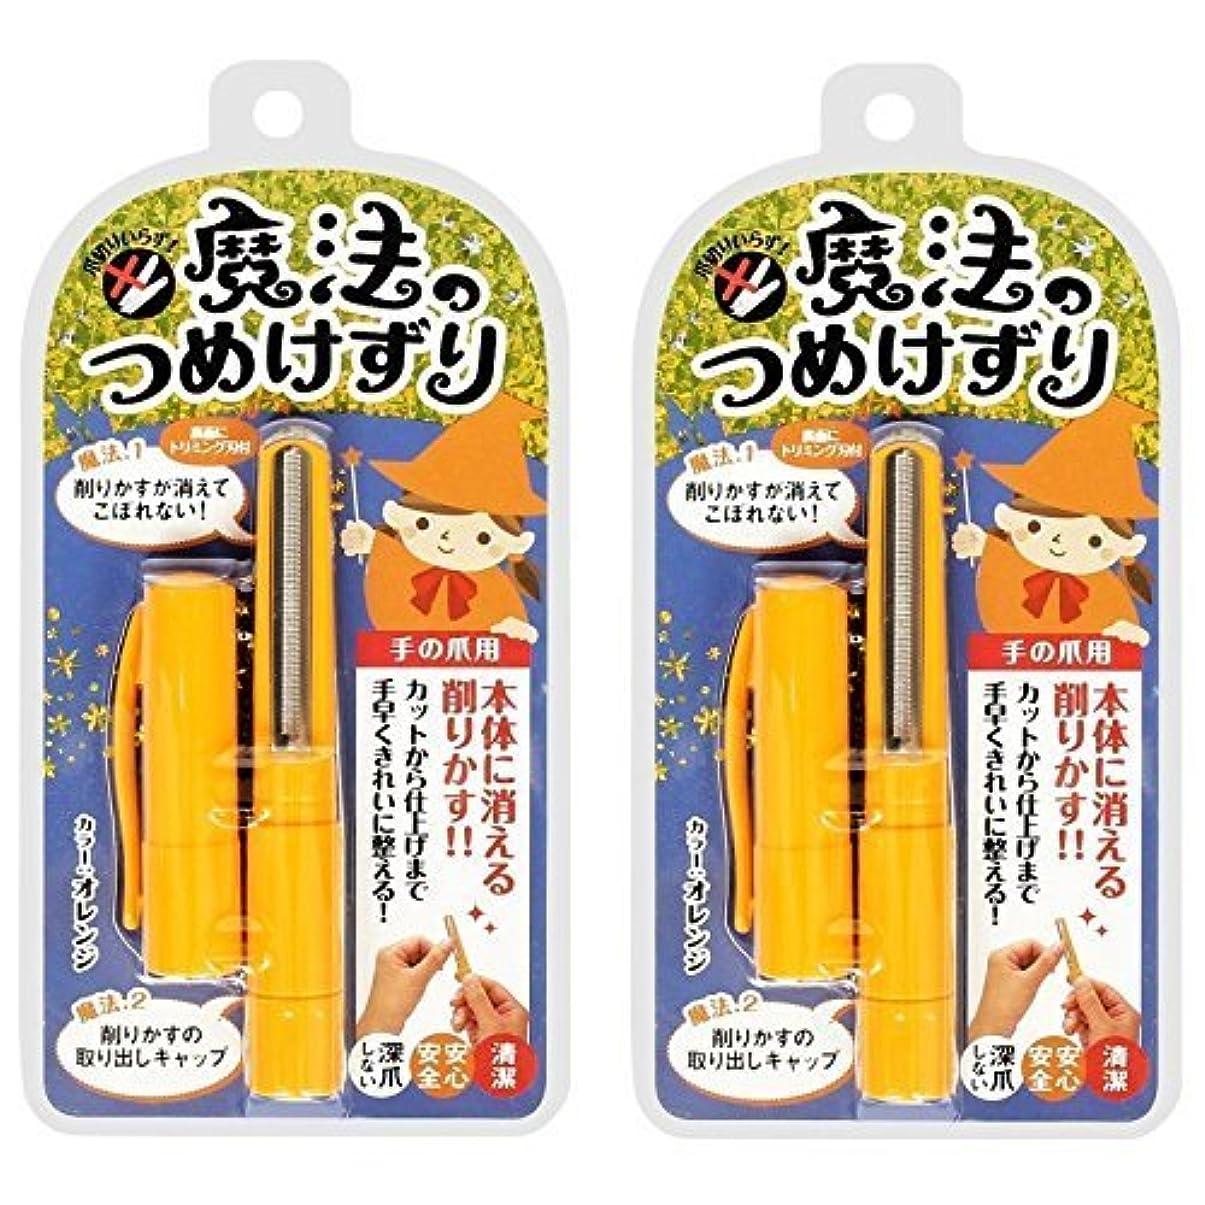 レポートを書く取り出すキモい【セット品】松本金型 魔法のつめけずり MM-090 オレンジ (2個)